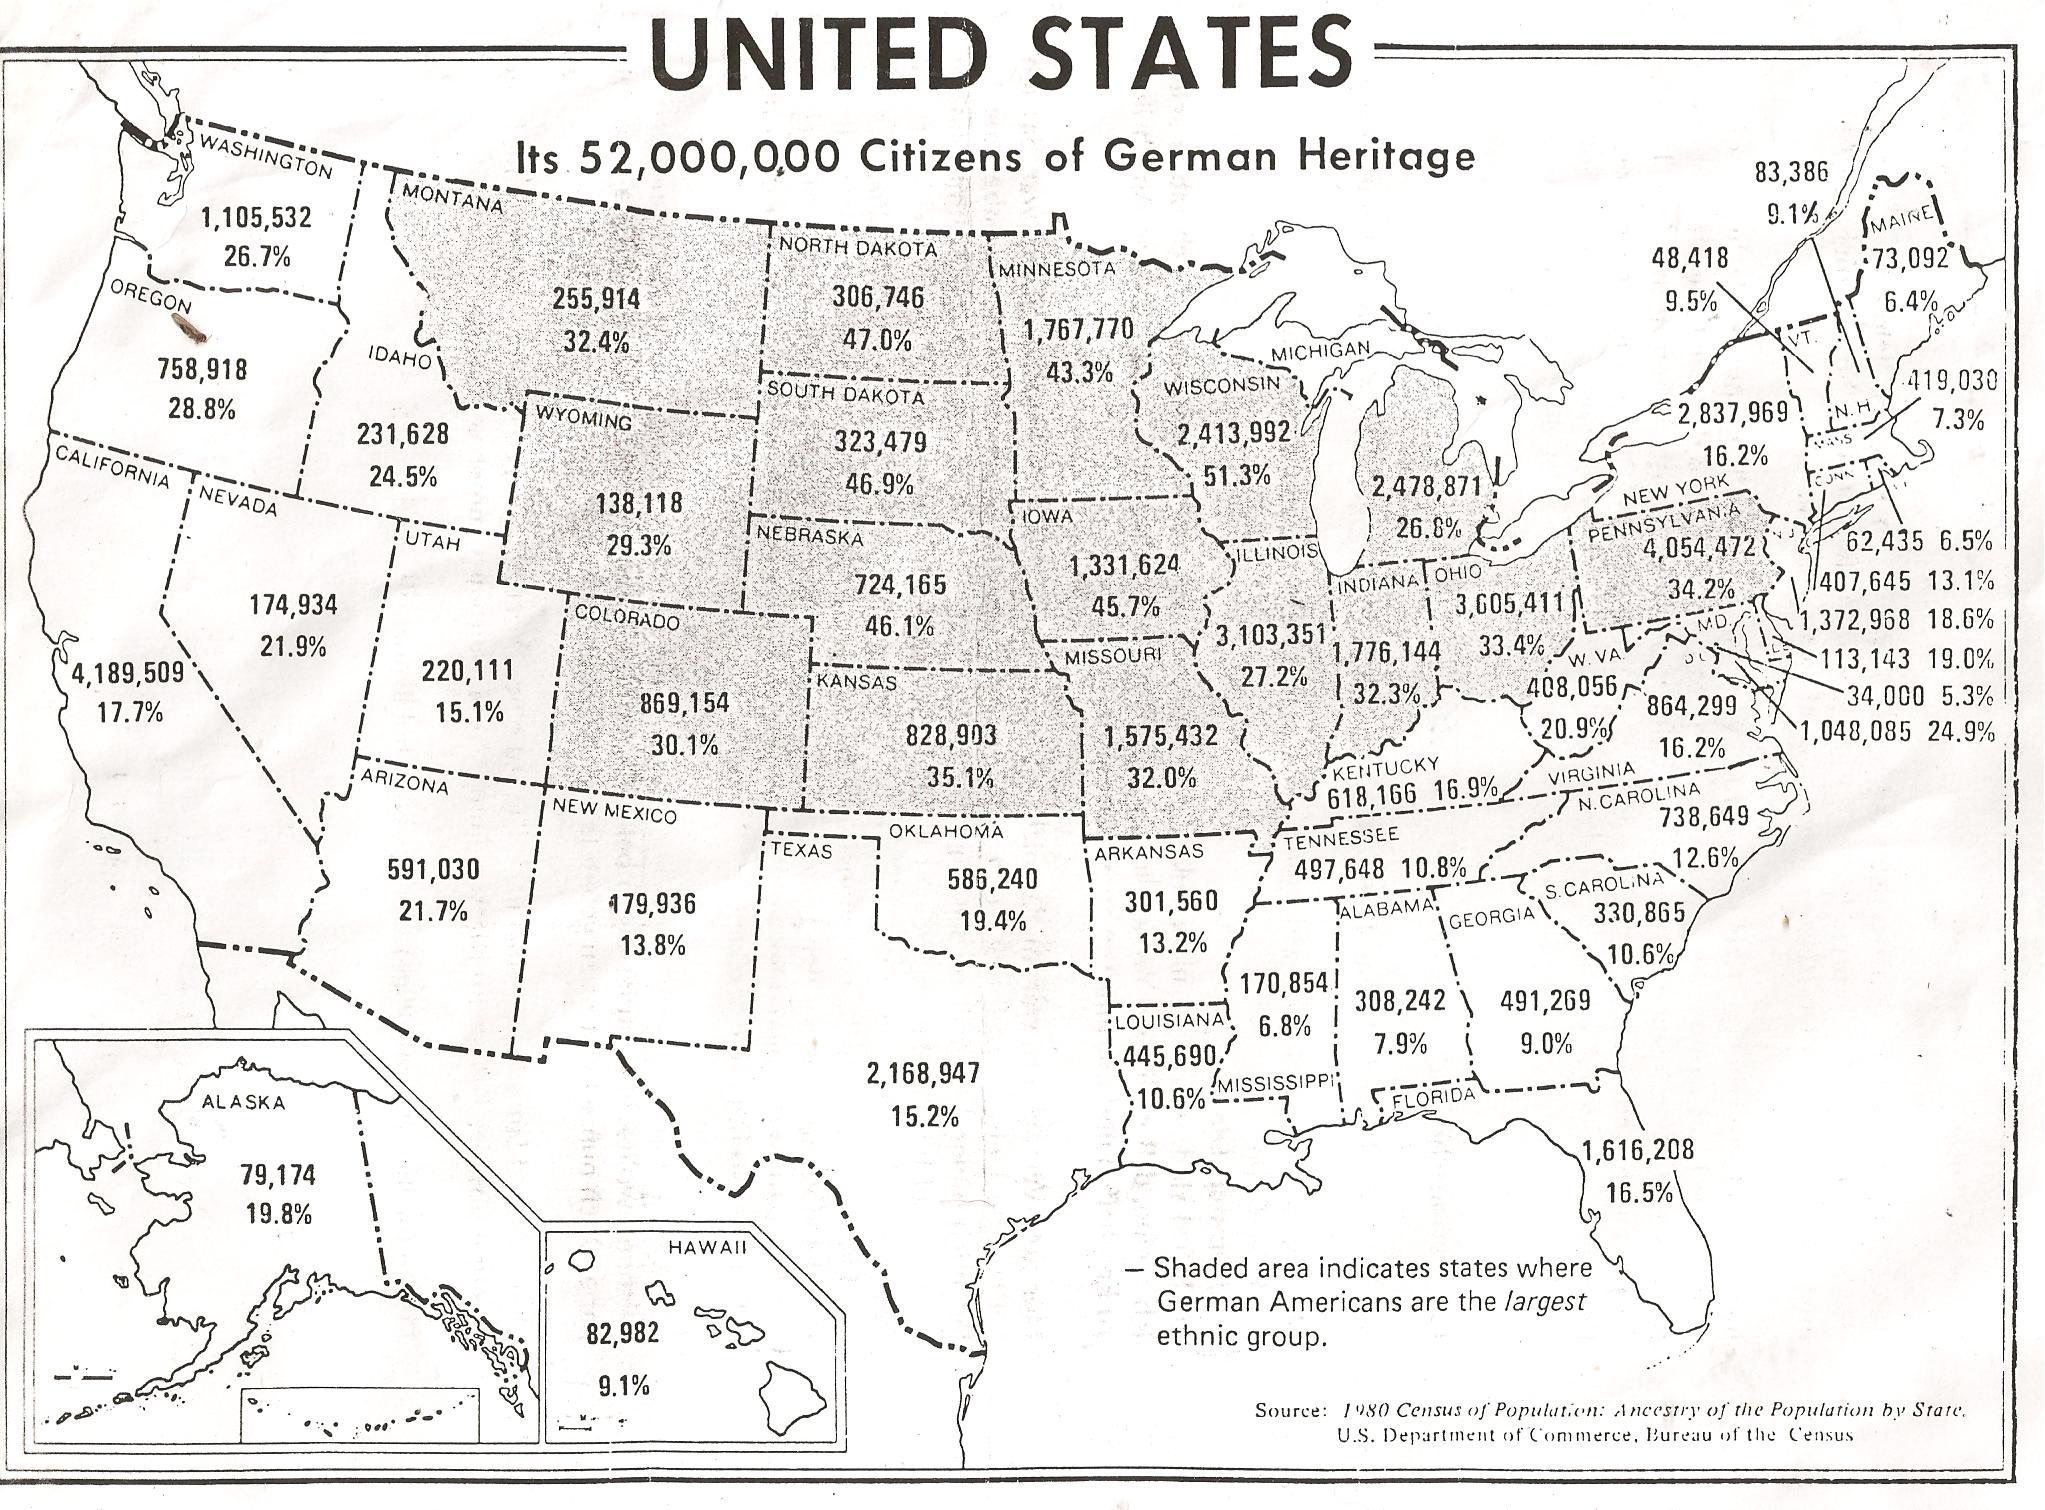 german-american-census-map- 1980